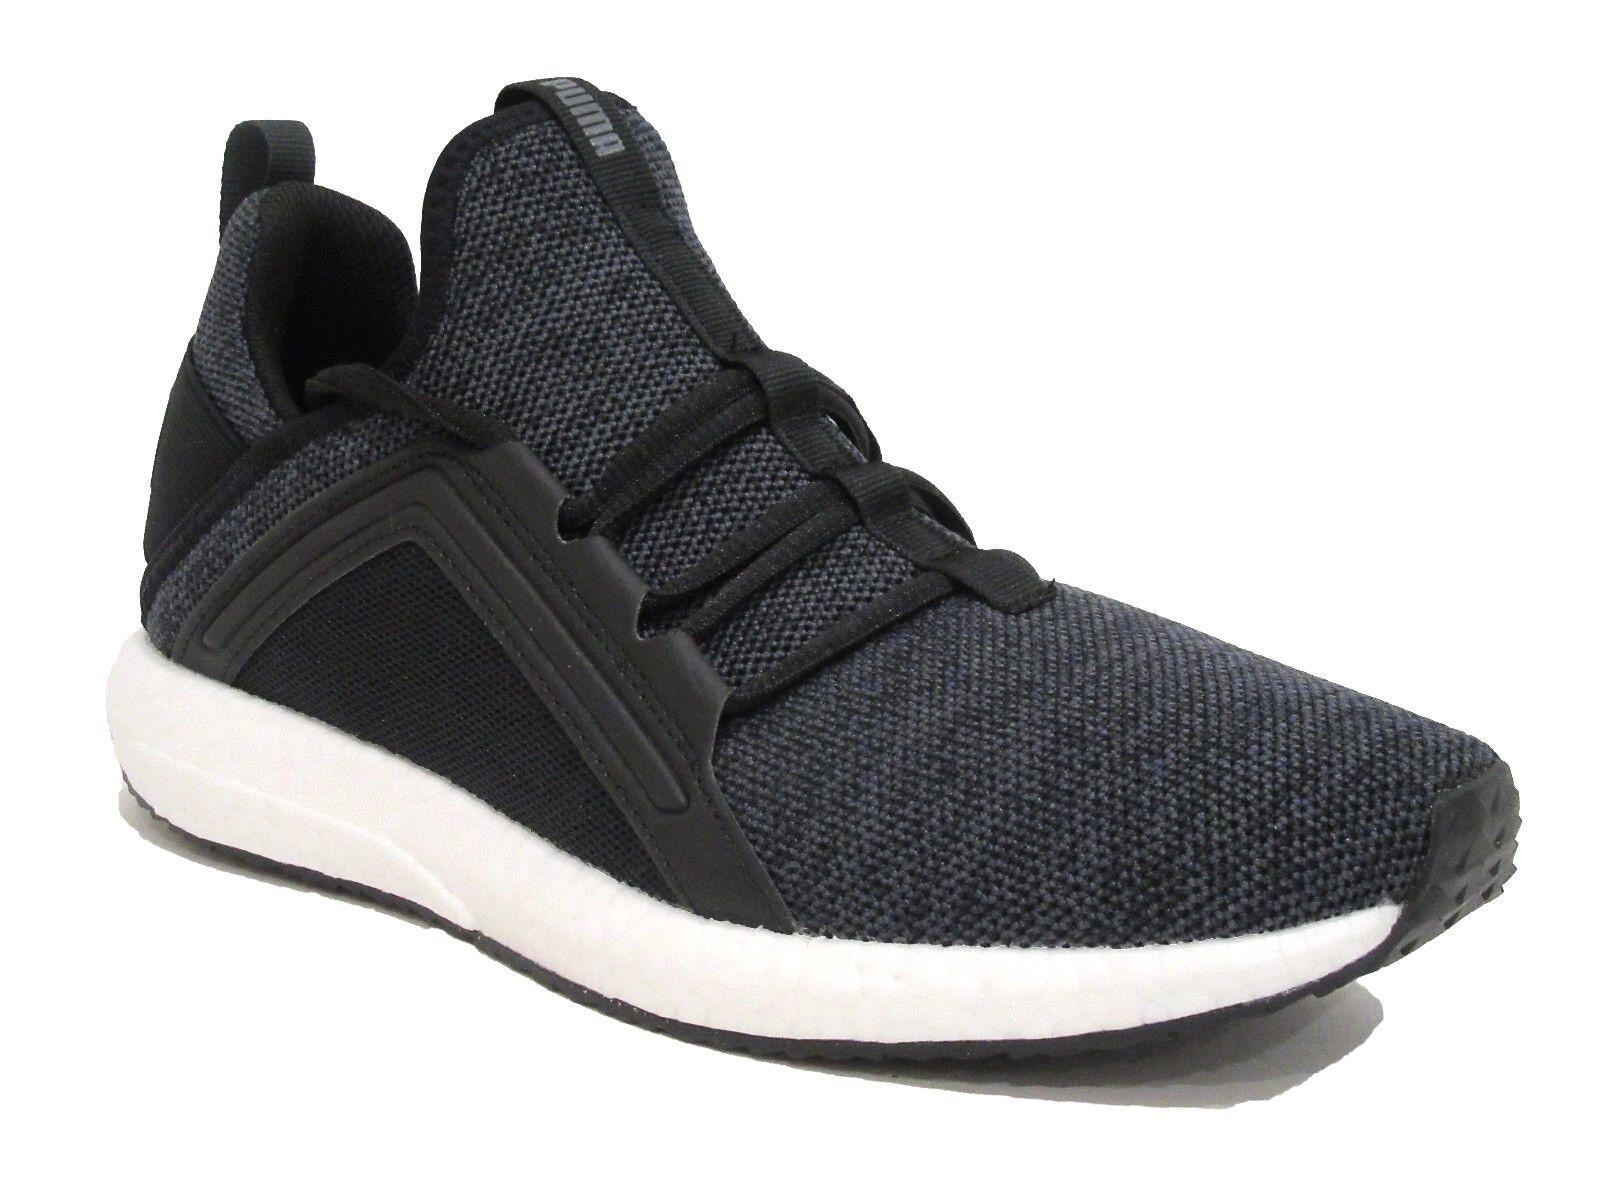 Puma Mega Nrgy Knit Men Round Toe Synthetic Black Sneakers 9 D(M) US